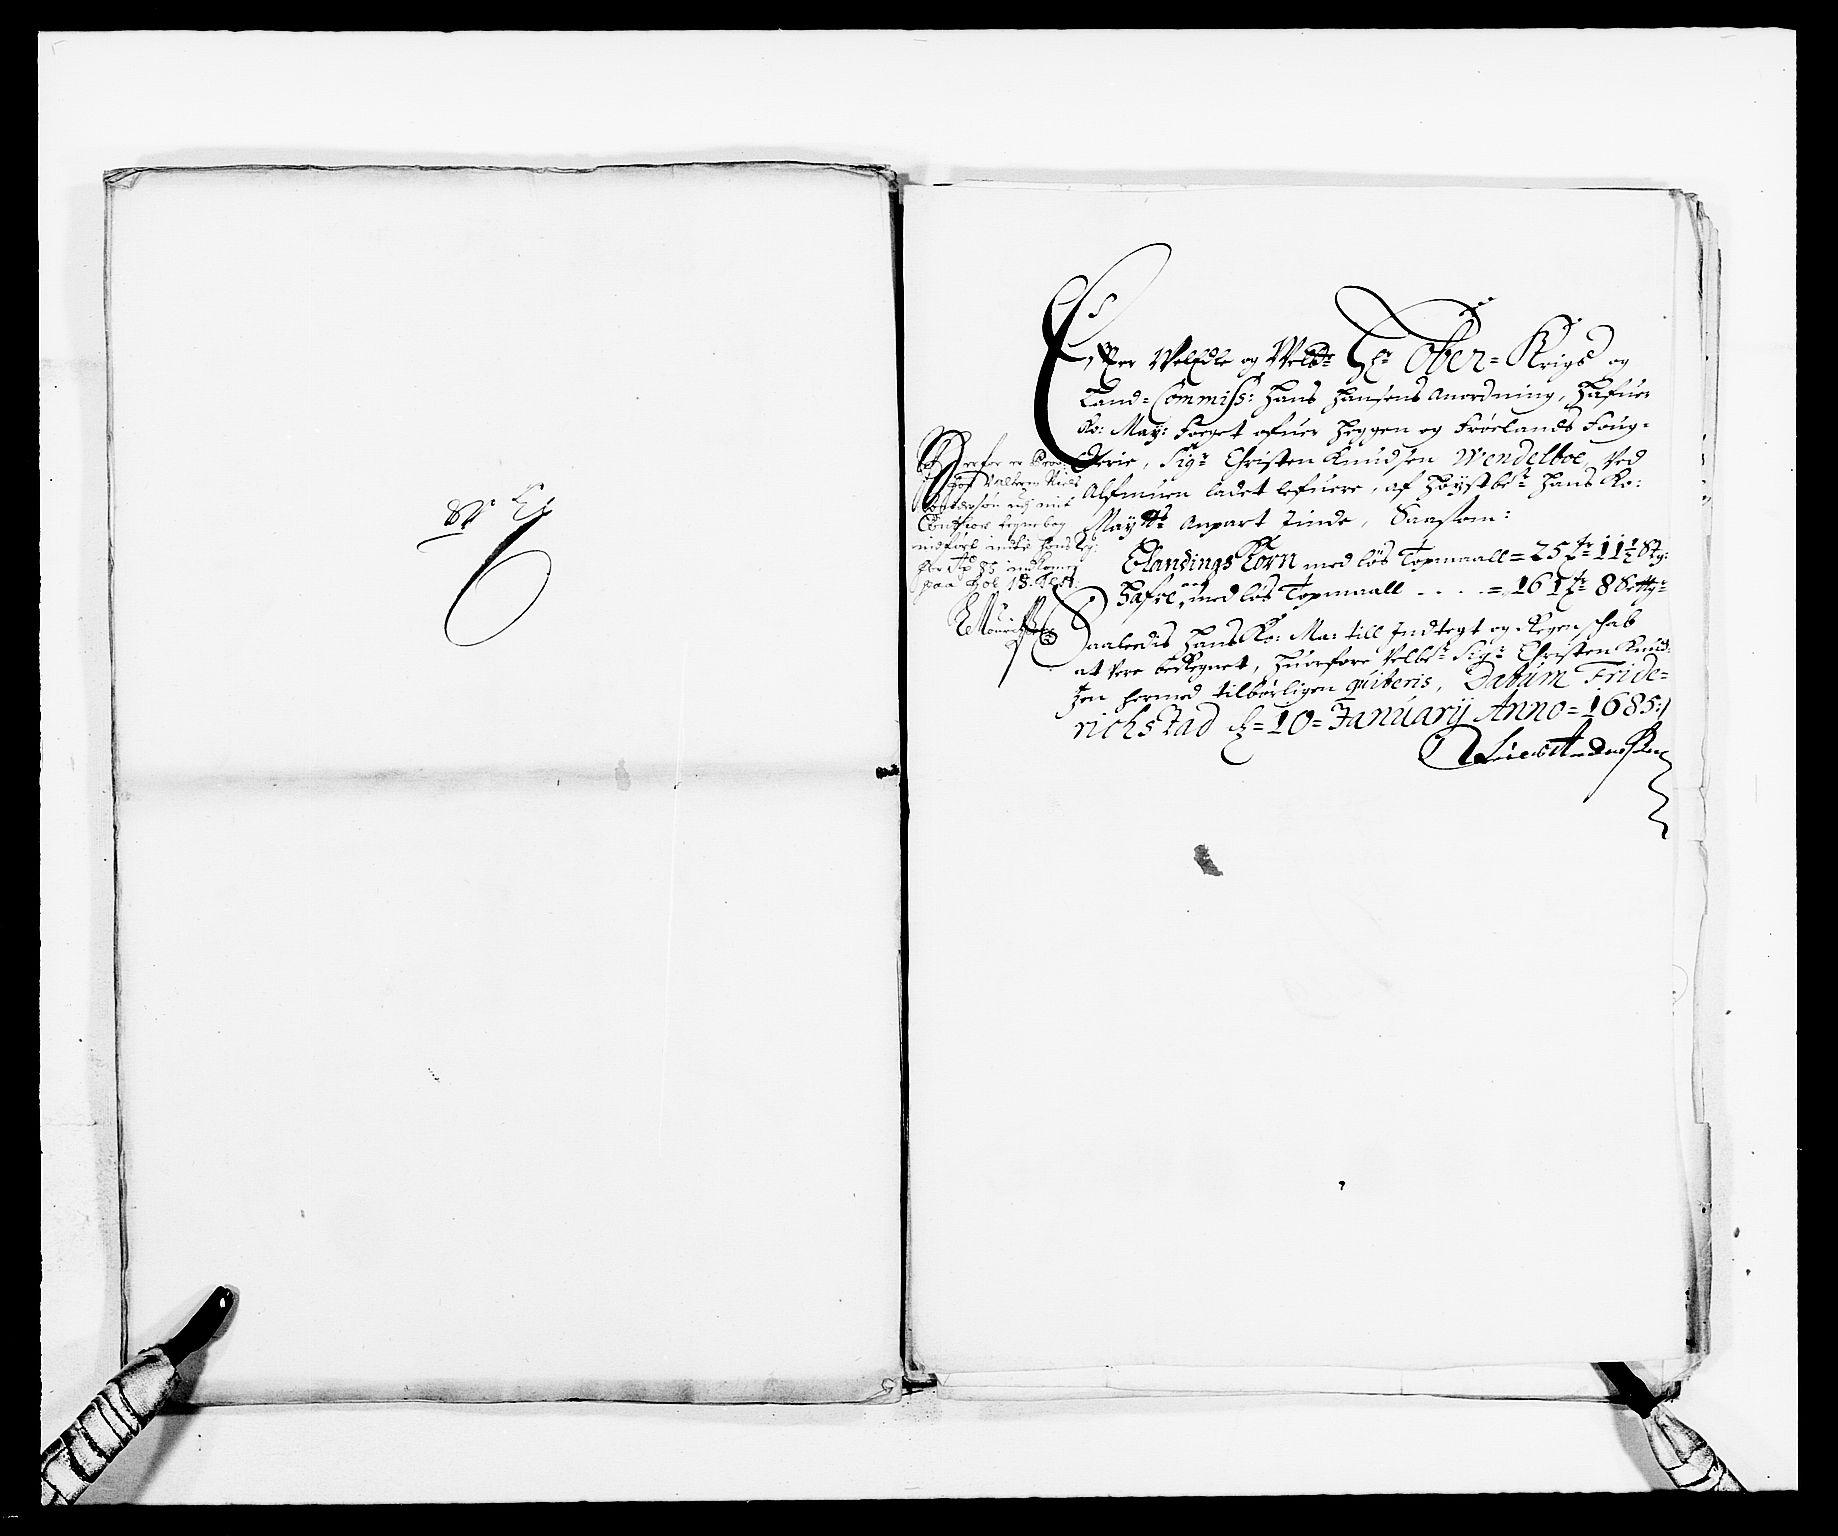 RA, Rentekammeret inntil 1814, Reviderte regnskaper, Fogderegnskap, R06/L0281: Fogderegnskap Heggen og Frøland, 1678-1686, s. 236